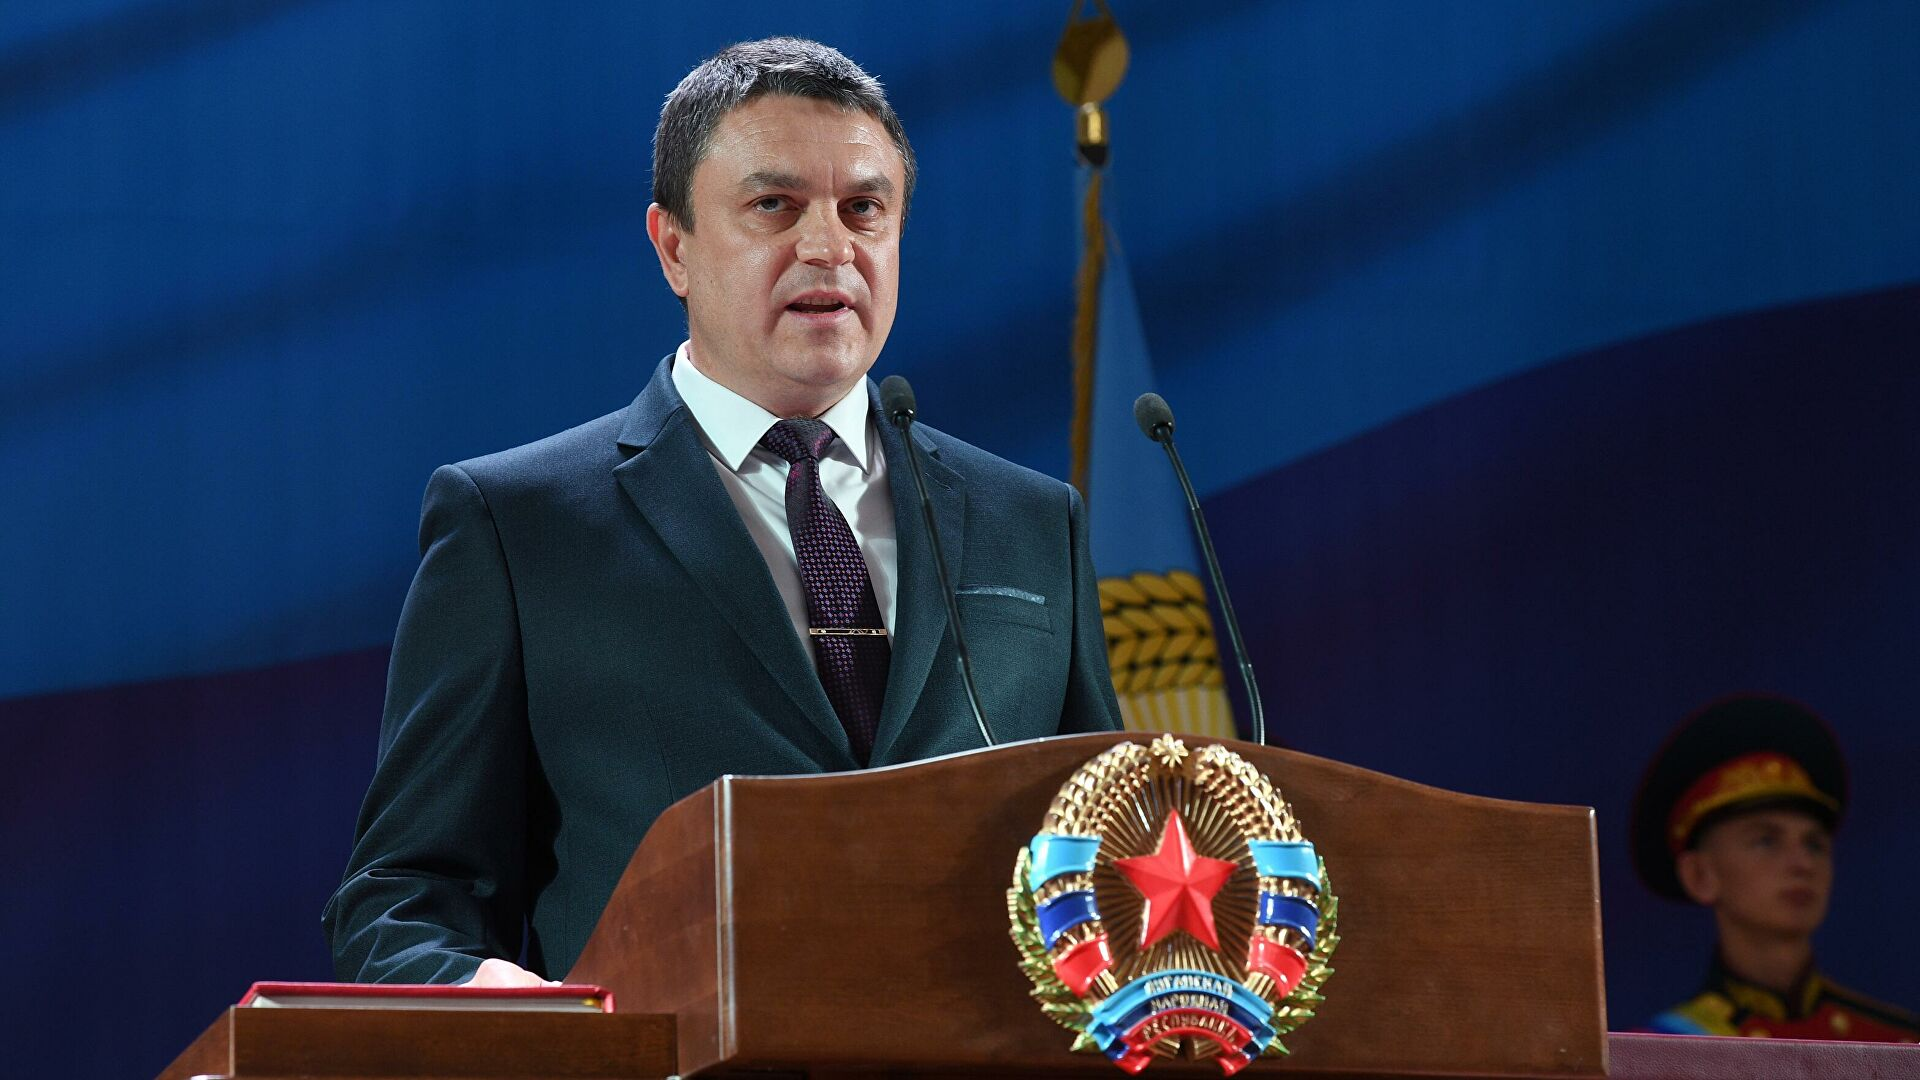 Не сумњам да ће Донбас постати део велике Русије кад за то дође време - председник ЛНР-а